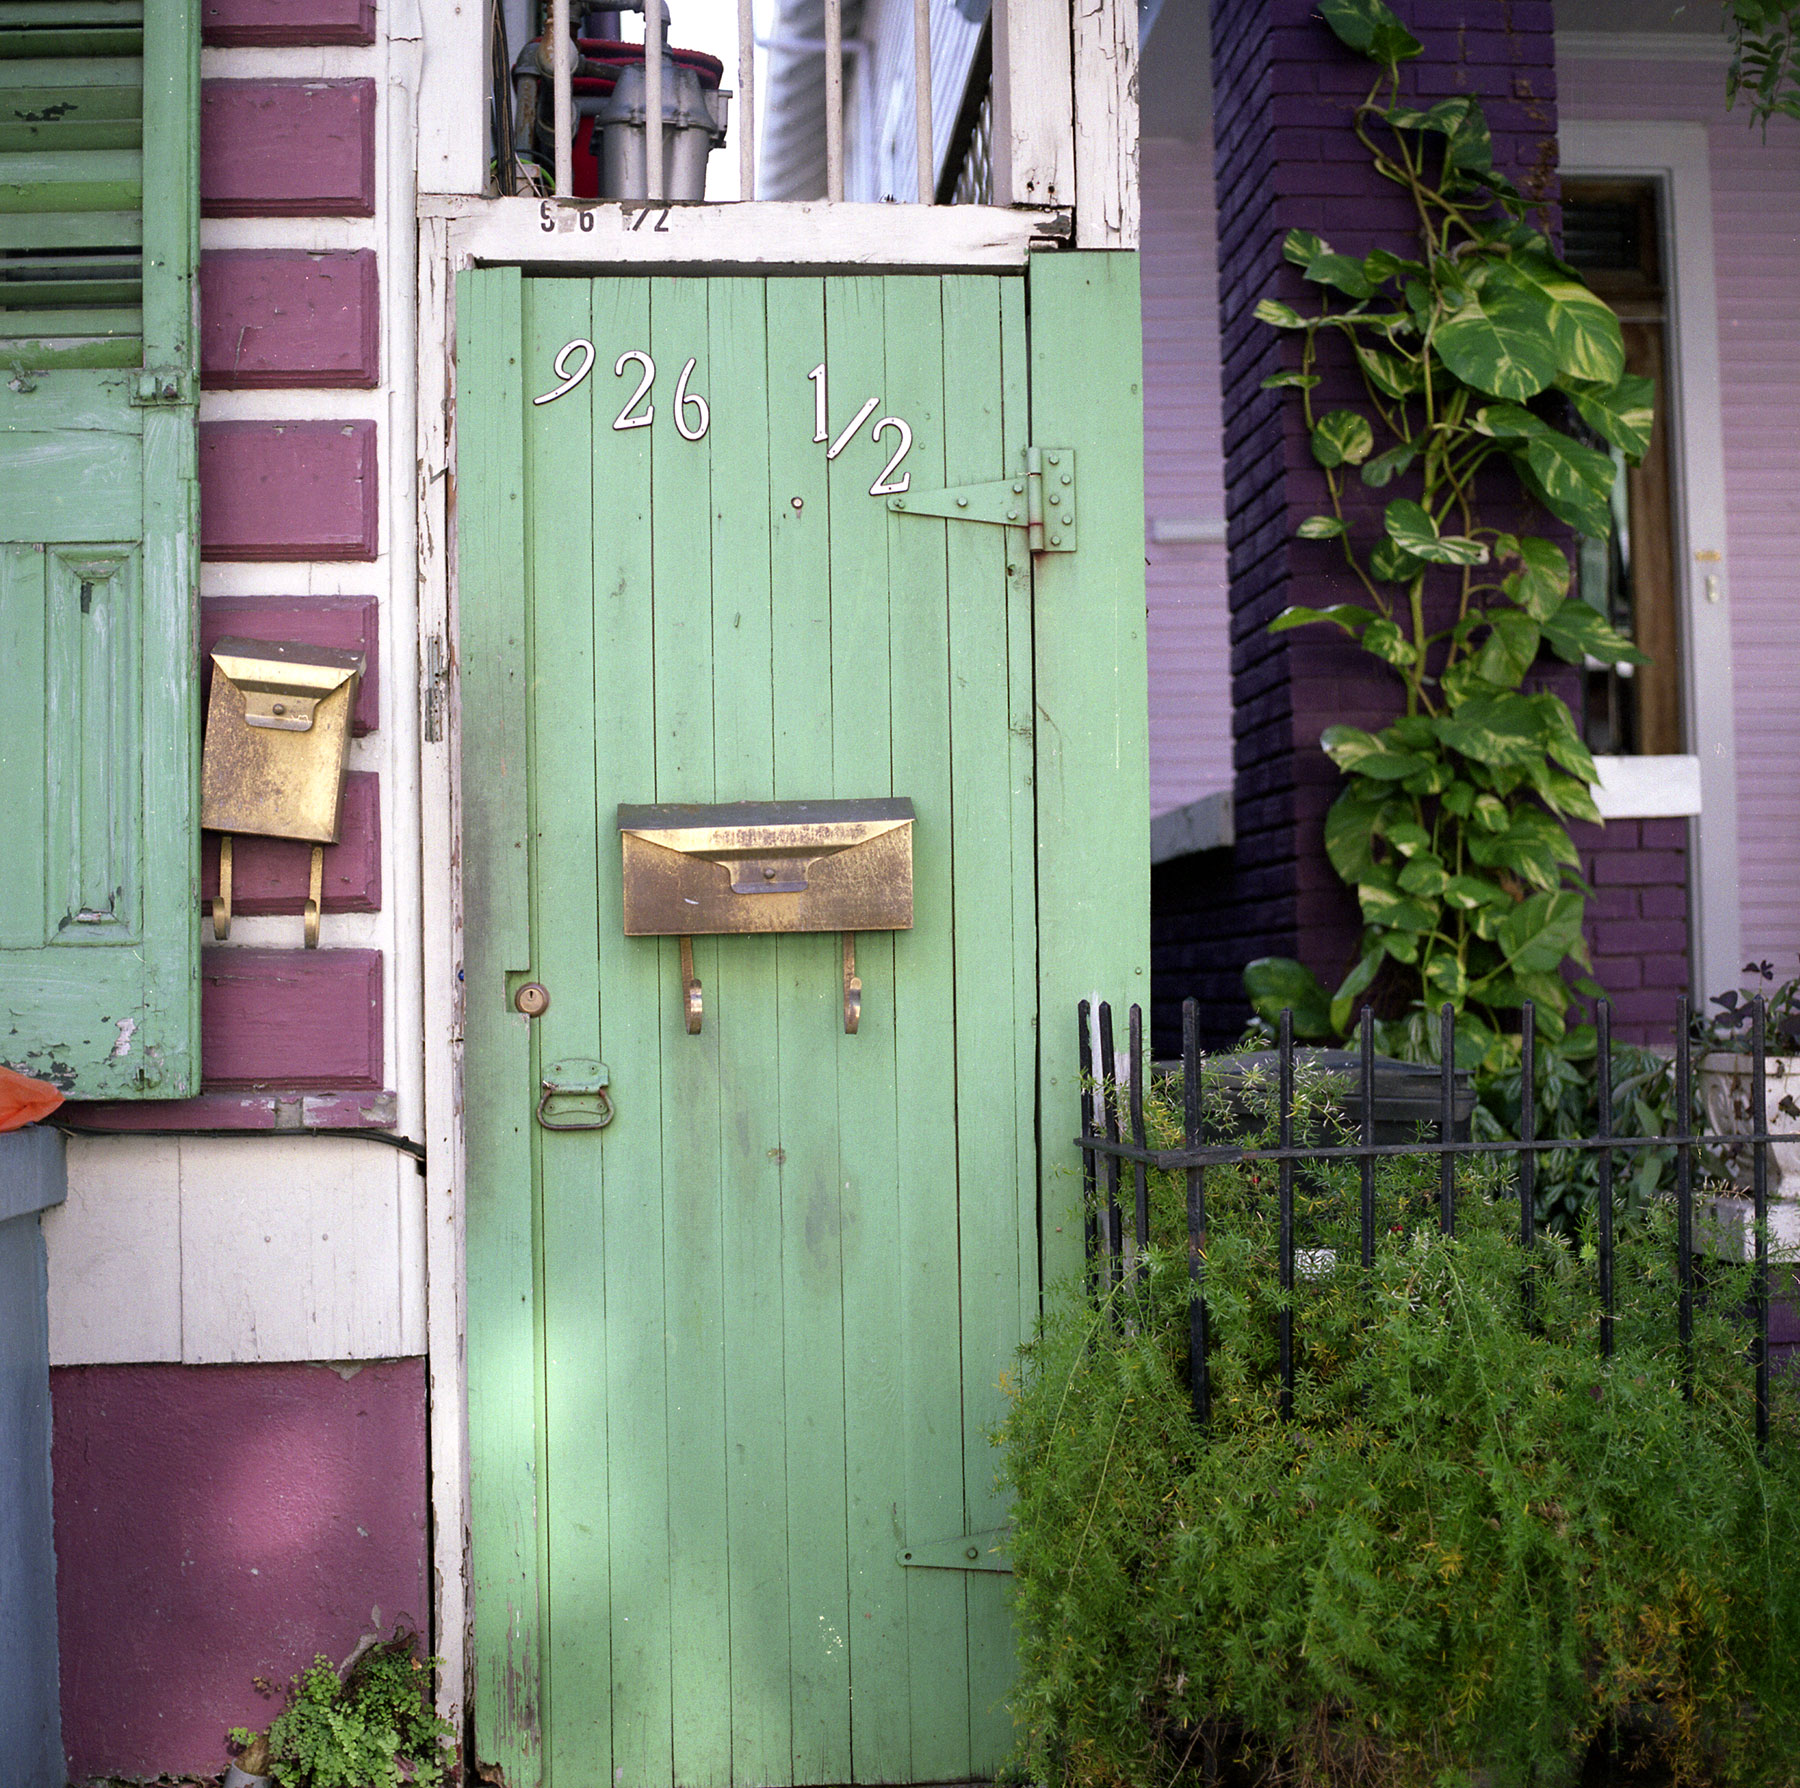 New Orleans Sessions No1 - Hasselblad 500cm Medium Format film